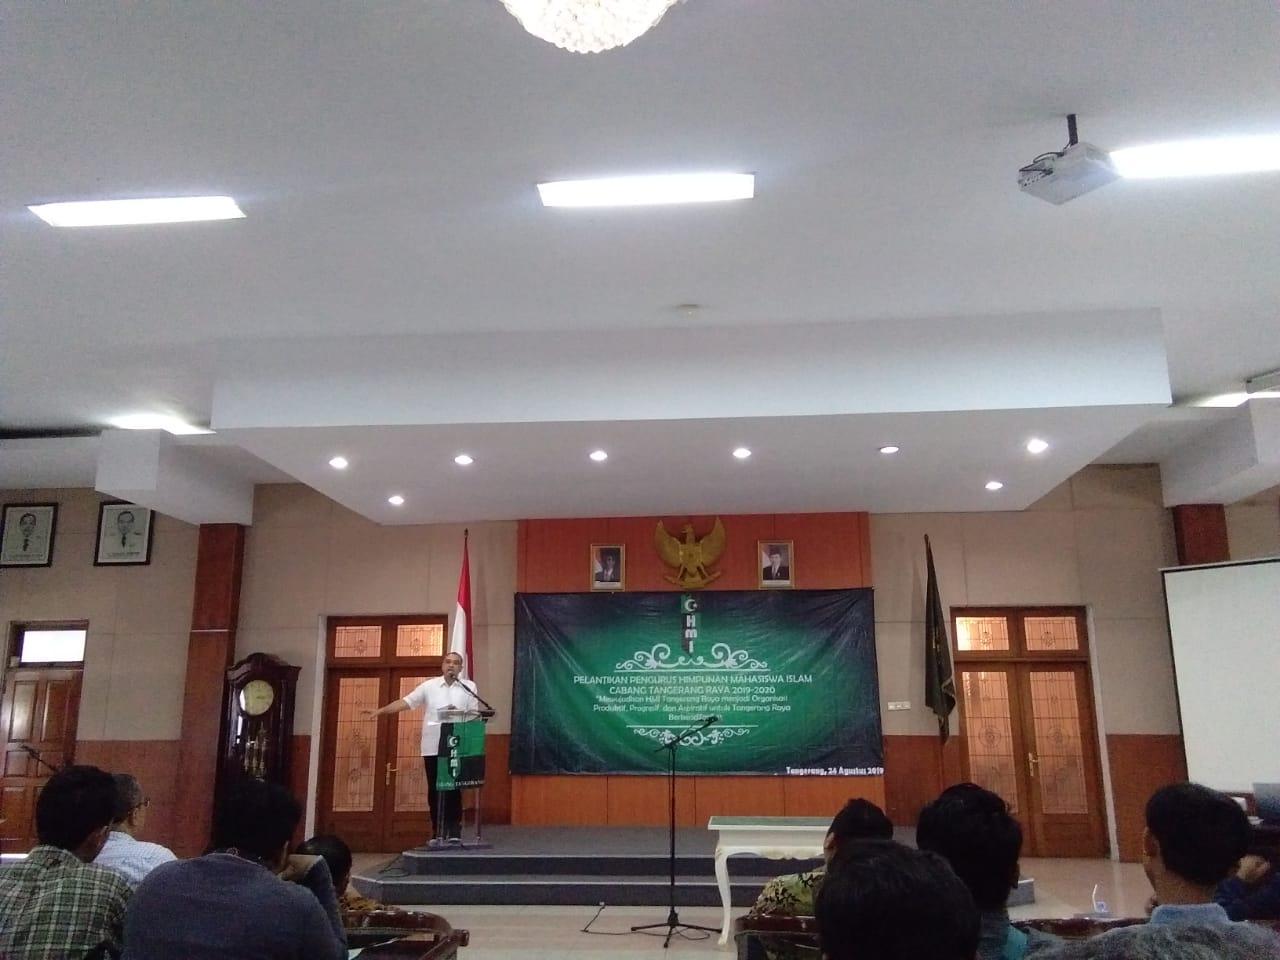 Kegiatan pelantikan Himpunan Mahasiswa Islam Cabang Tangerang Raya periode 2019-2020, di Gedung Pendopo Bupati, Sabtu (24/8/2019).